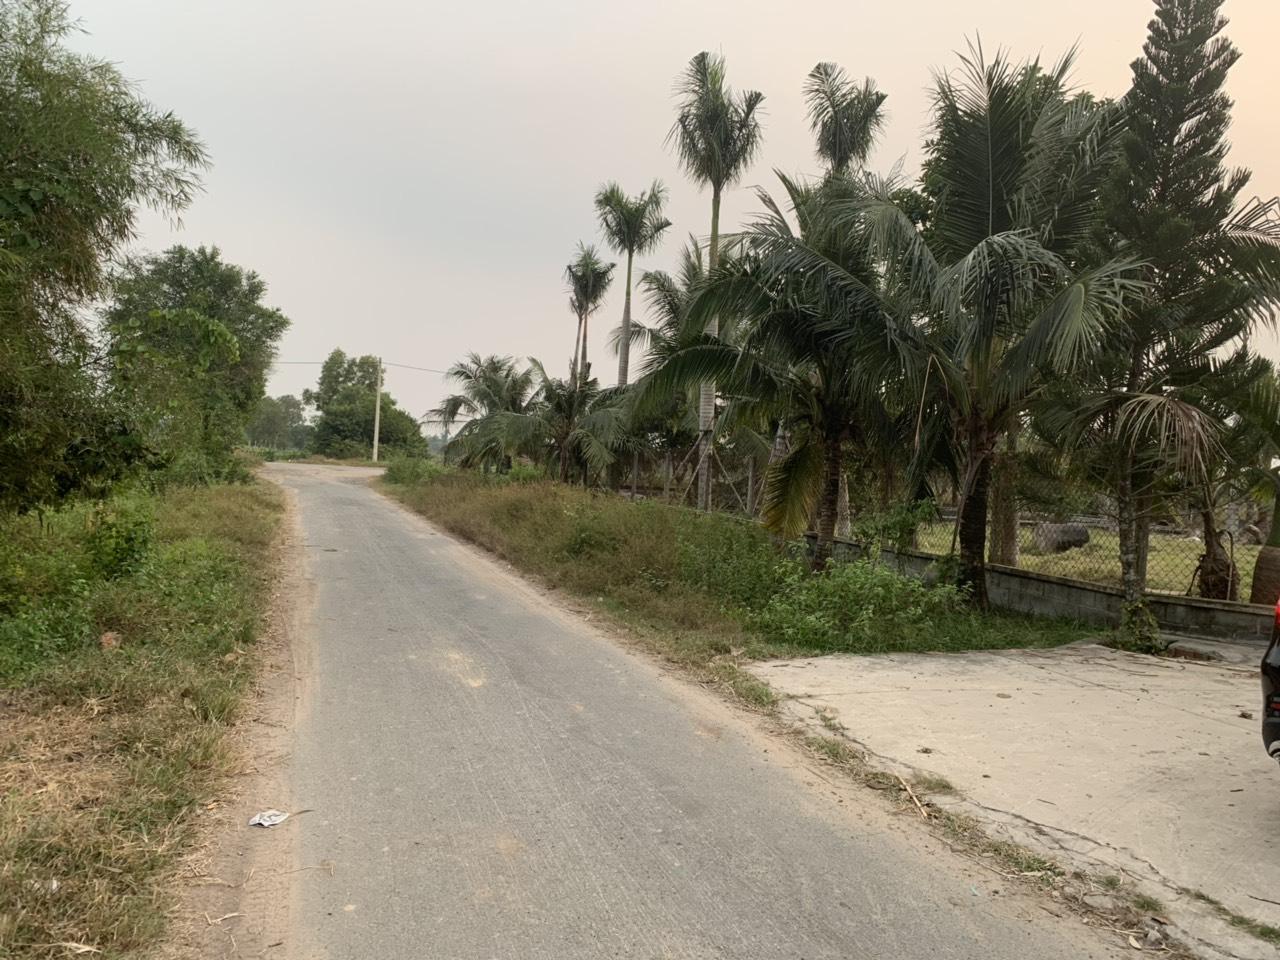 Bán 11,7786m2 đất tại đường Huỳnh Thị Huề, Thái Mỹ, Củ Chi, TPHCM